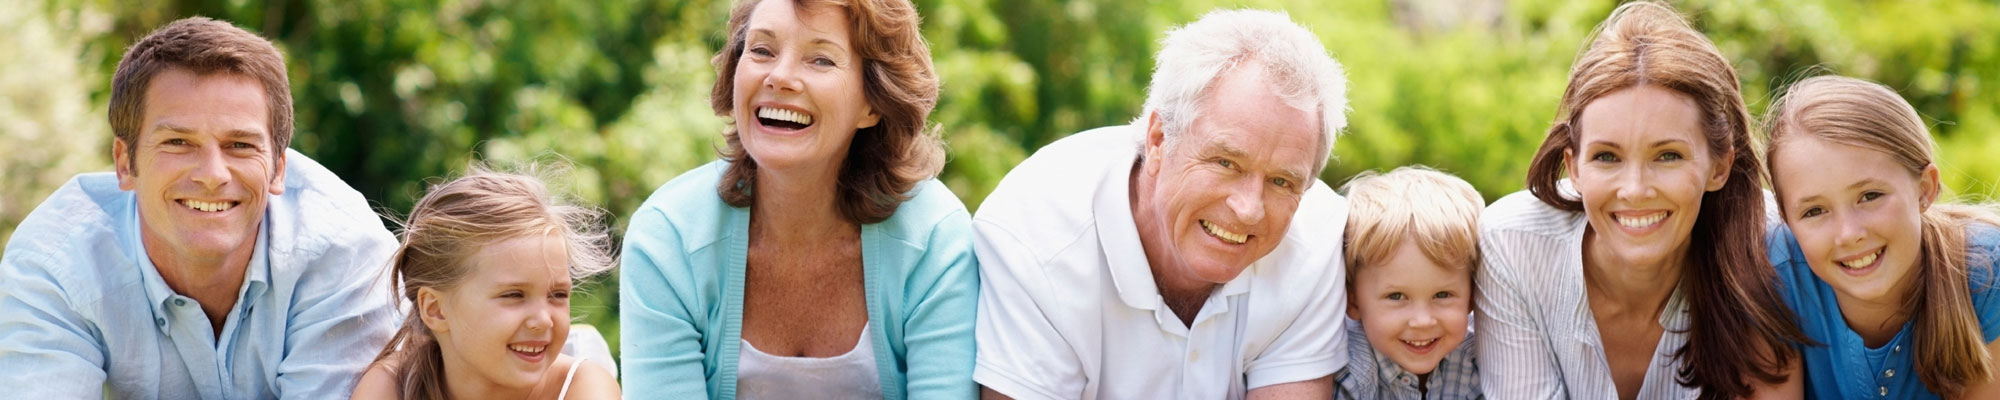 Spécialiste de la vente directe des <span>assurances familiales</span>